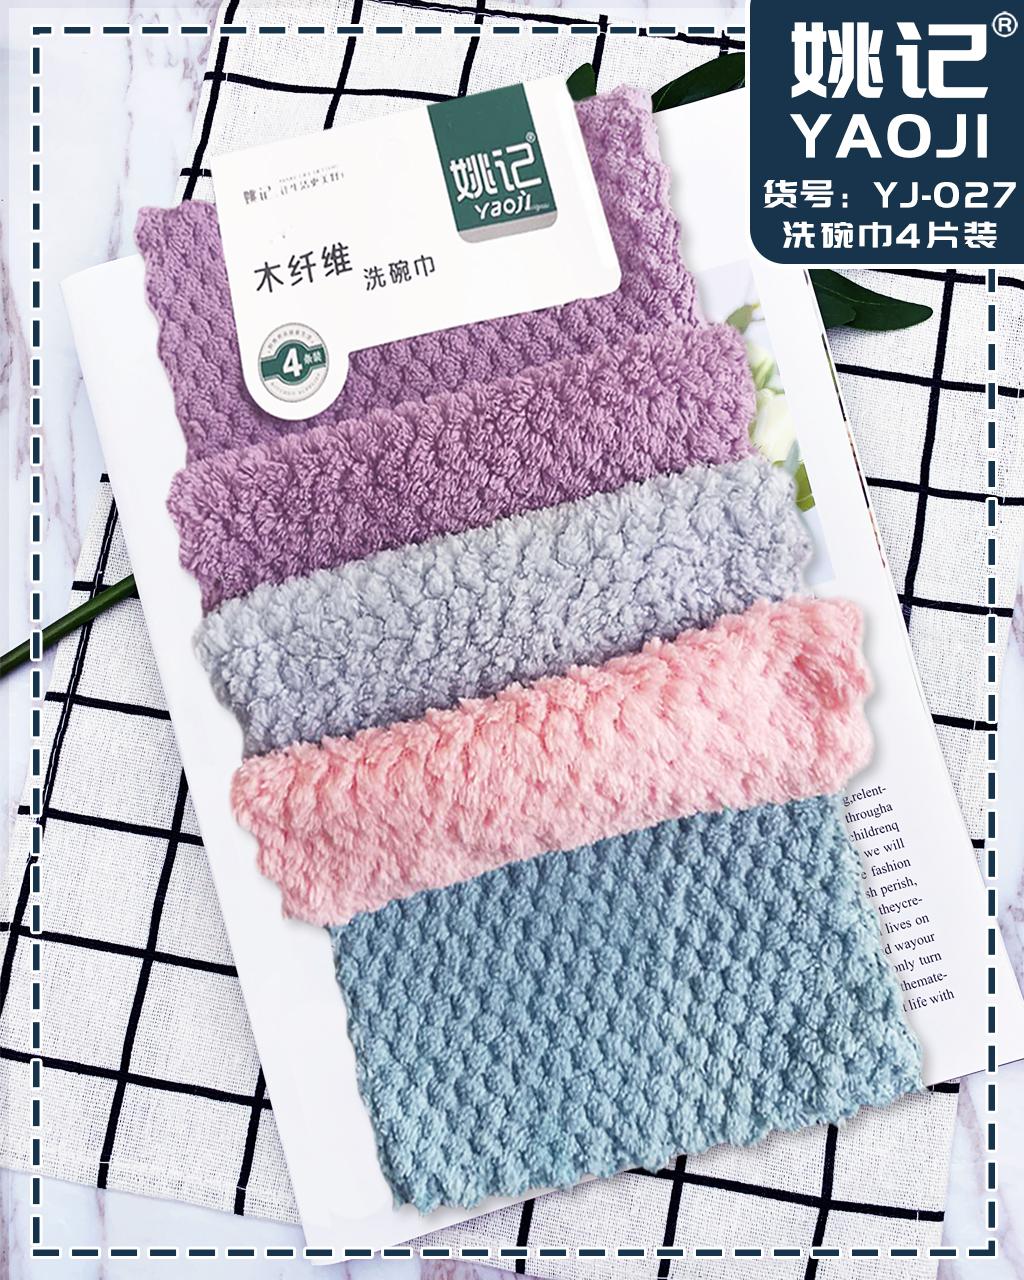 木纖維洗碗巾4片裝—YJ027